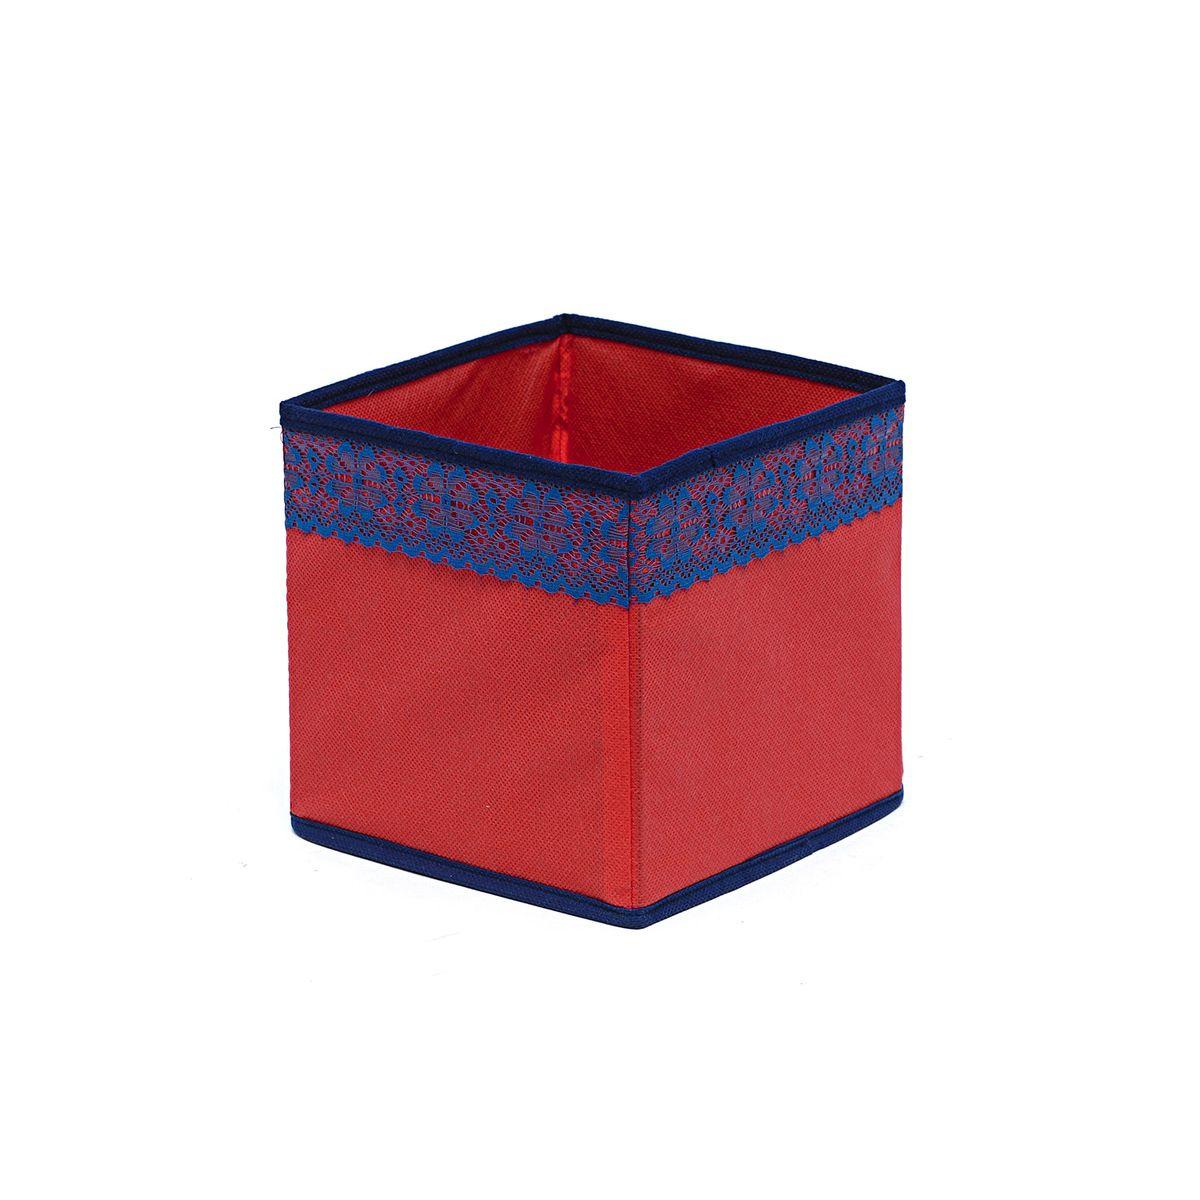 Кофр для хранения Homsu Rosso, 17 х 17 х 17 смCLP446Кофр для хранения Homsu Rosso изготовлен из высококачественного нетканого полотна и декорирован красочным изображением. Кофр имеет одно большое отделение, где вы можете хранить различные бытовые вещи, нижнее белье, одежду и многое другое. Вставки из картона обеспечивают прочность конструкции. Стильный принт, модный цвет и качество исполнения сделают такой кофр незаменимым для хранения ваших вещей.